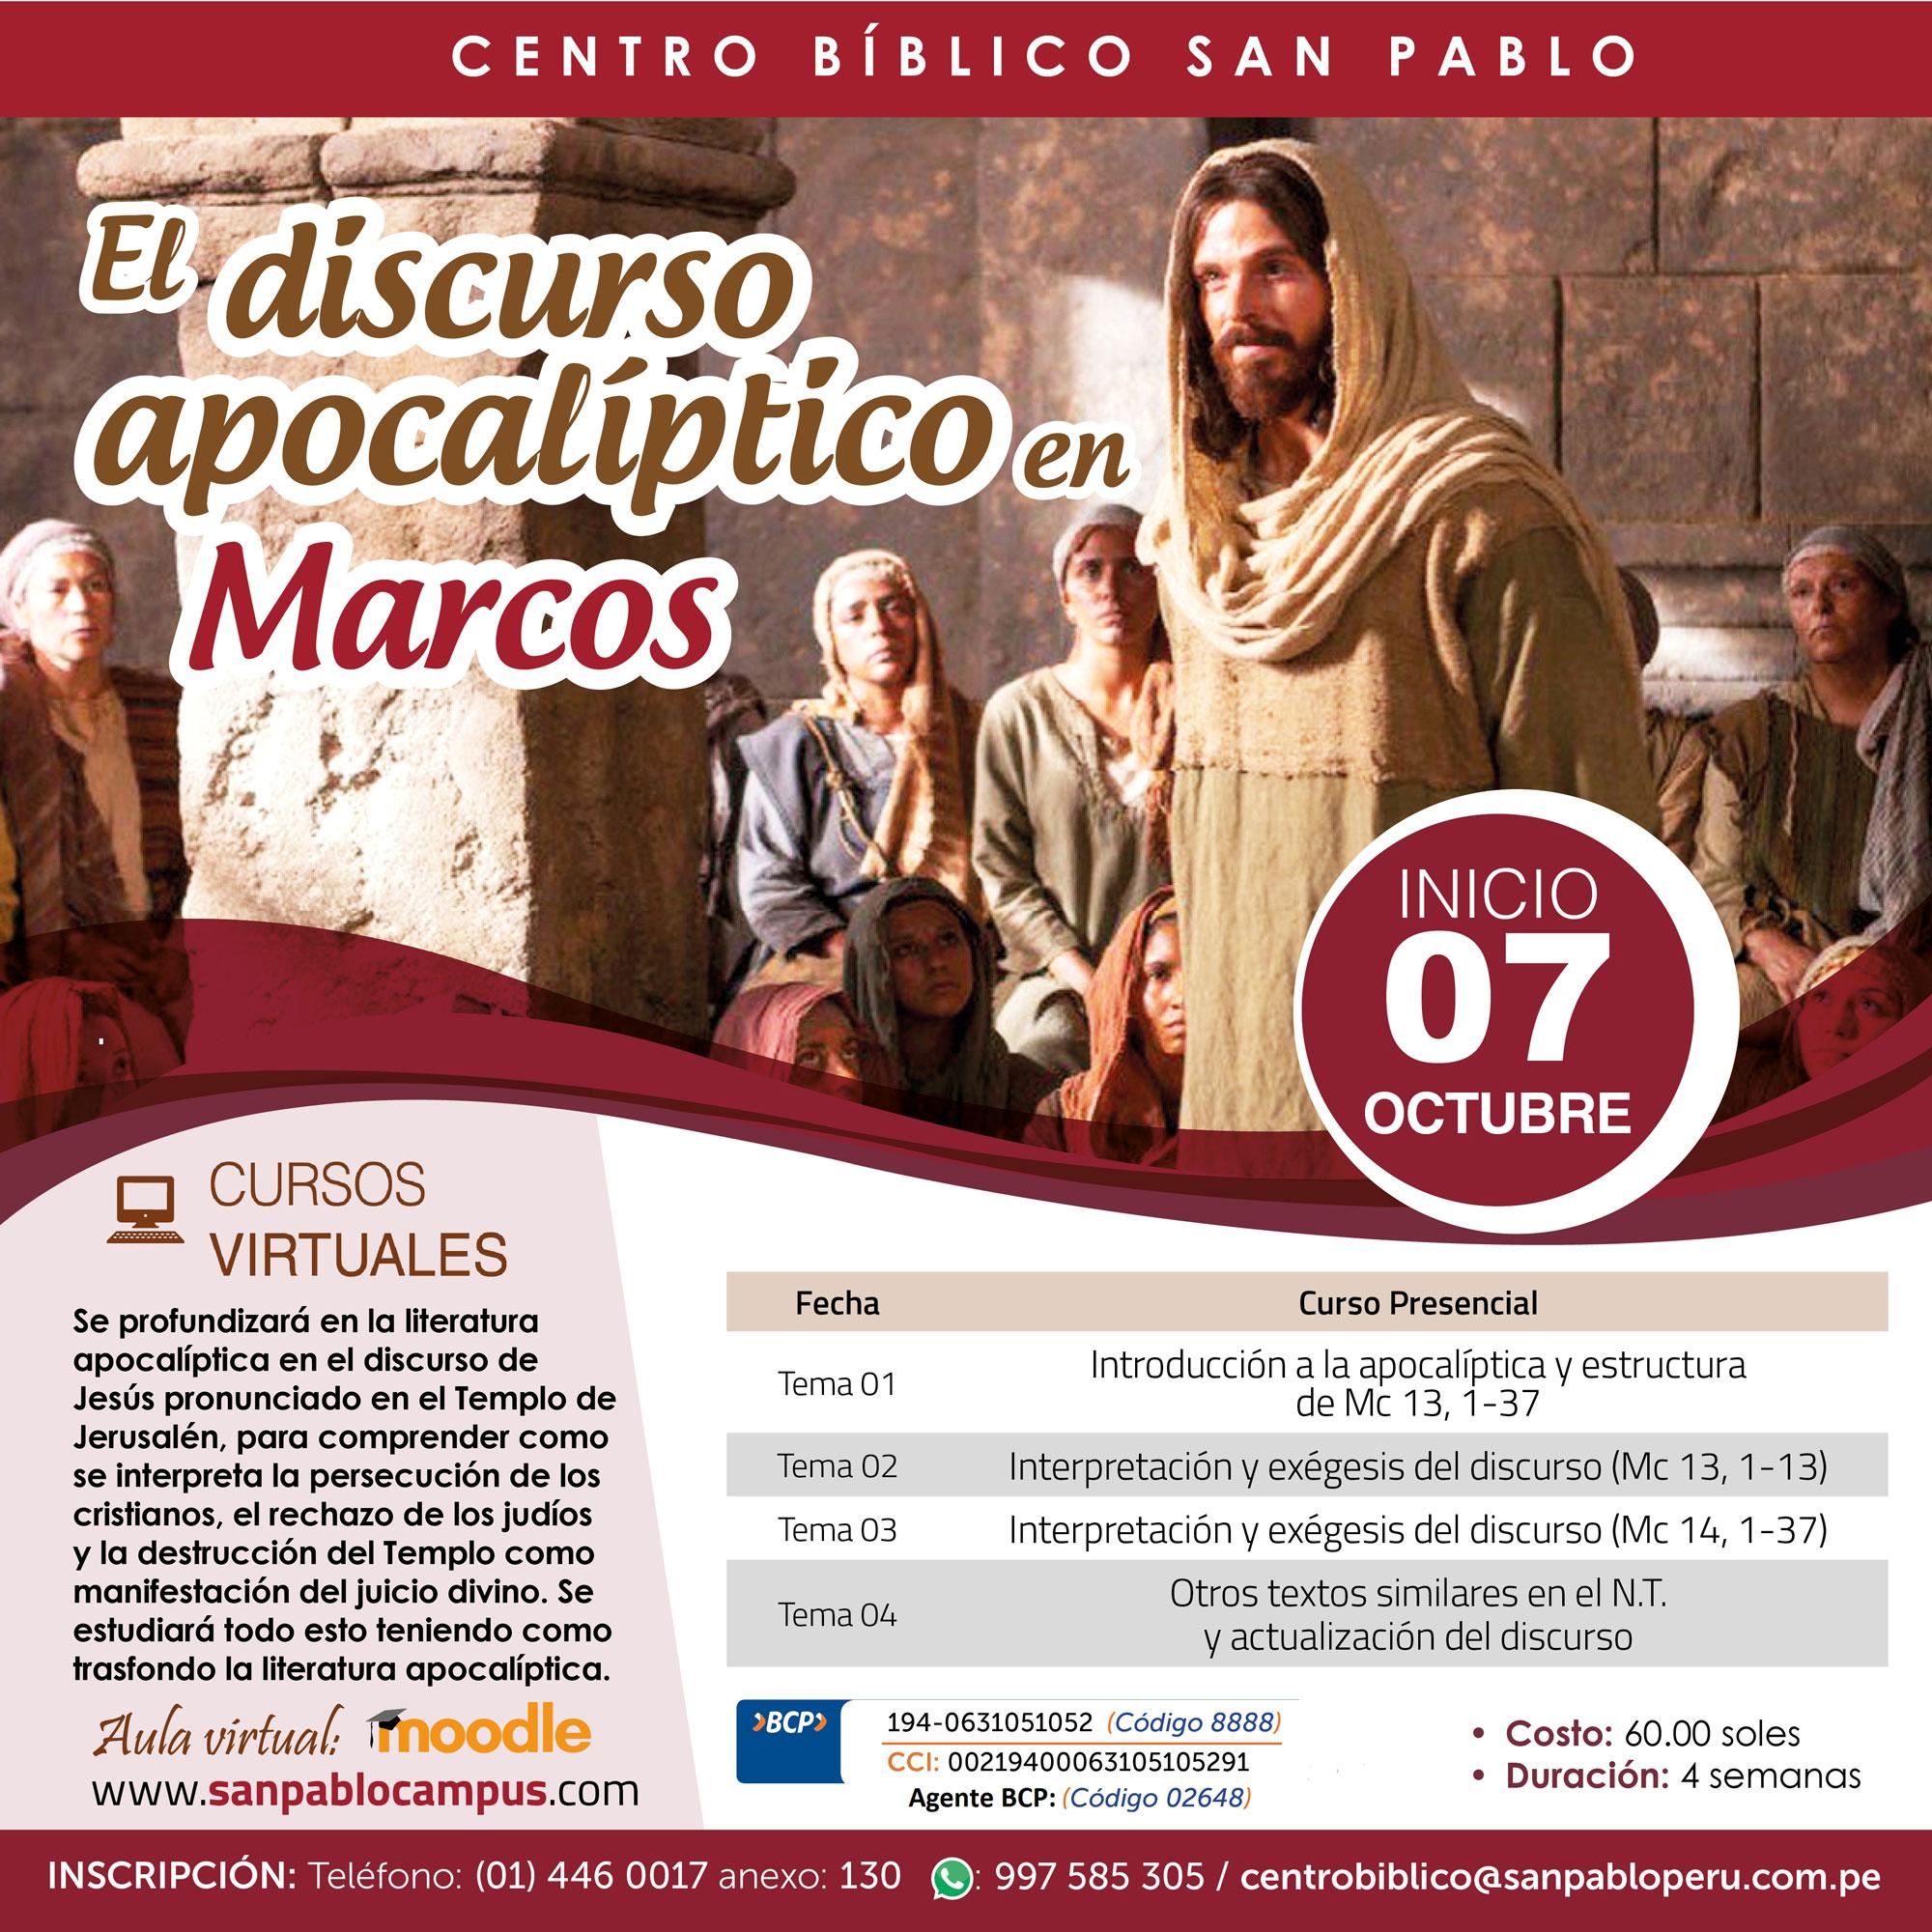 El Discurso Apocalíptico en Marcos